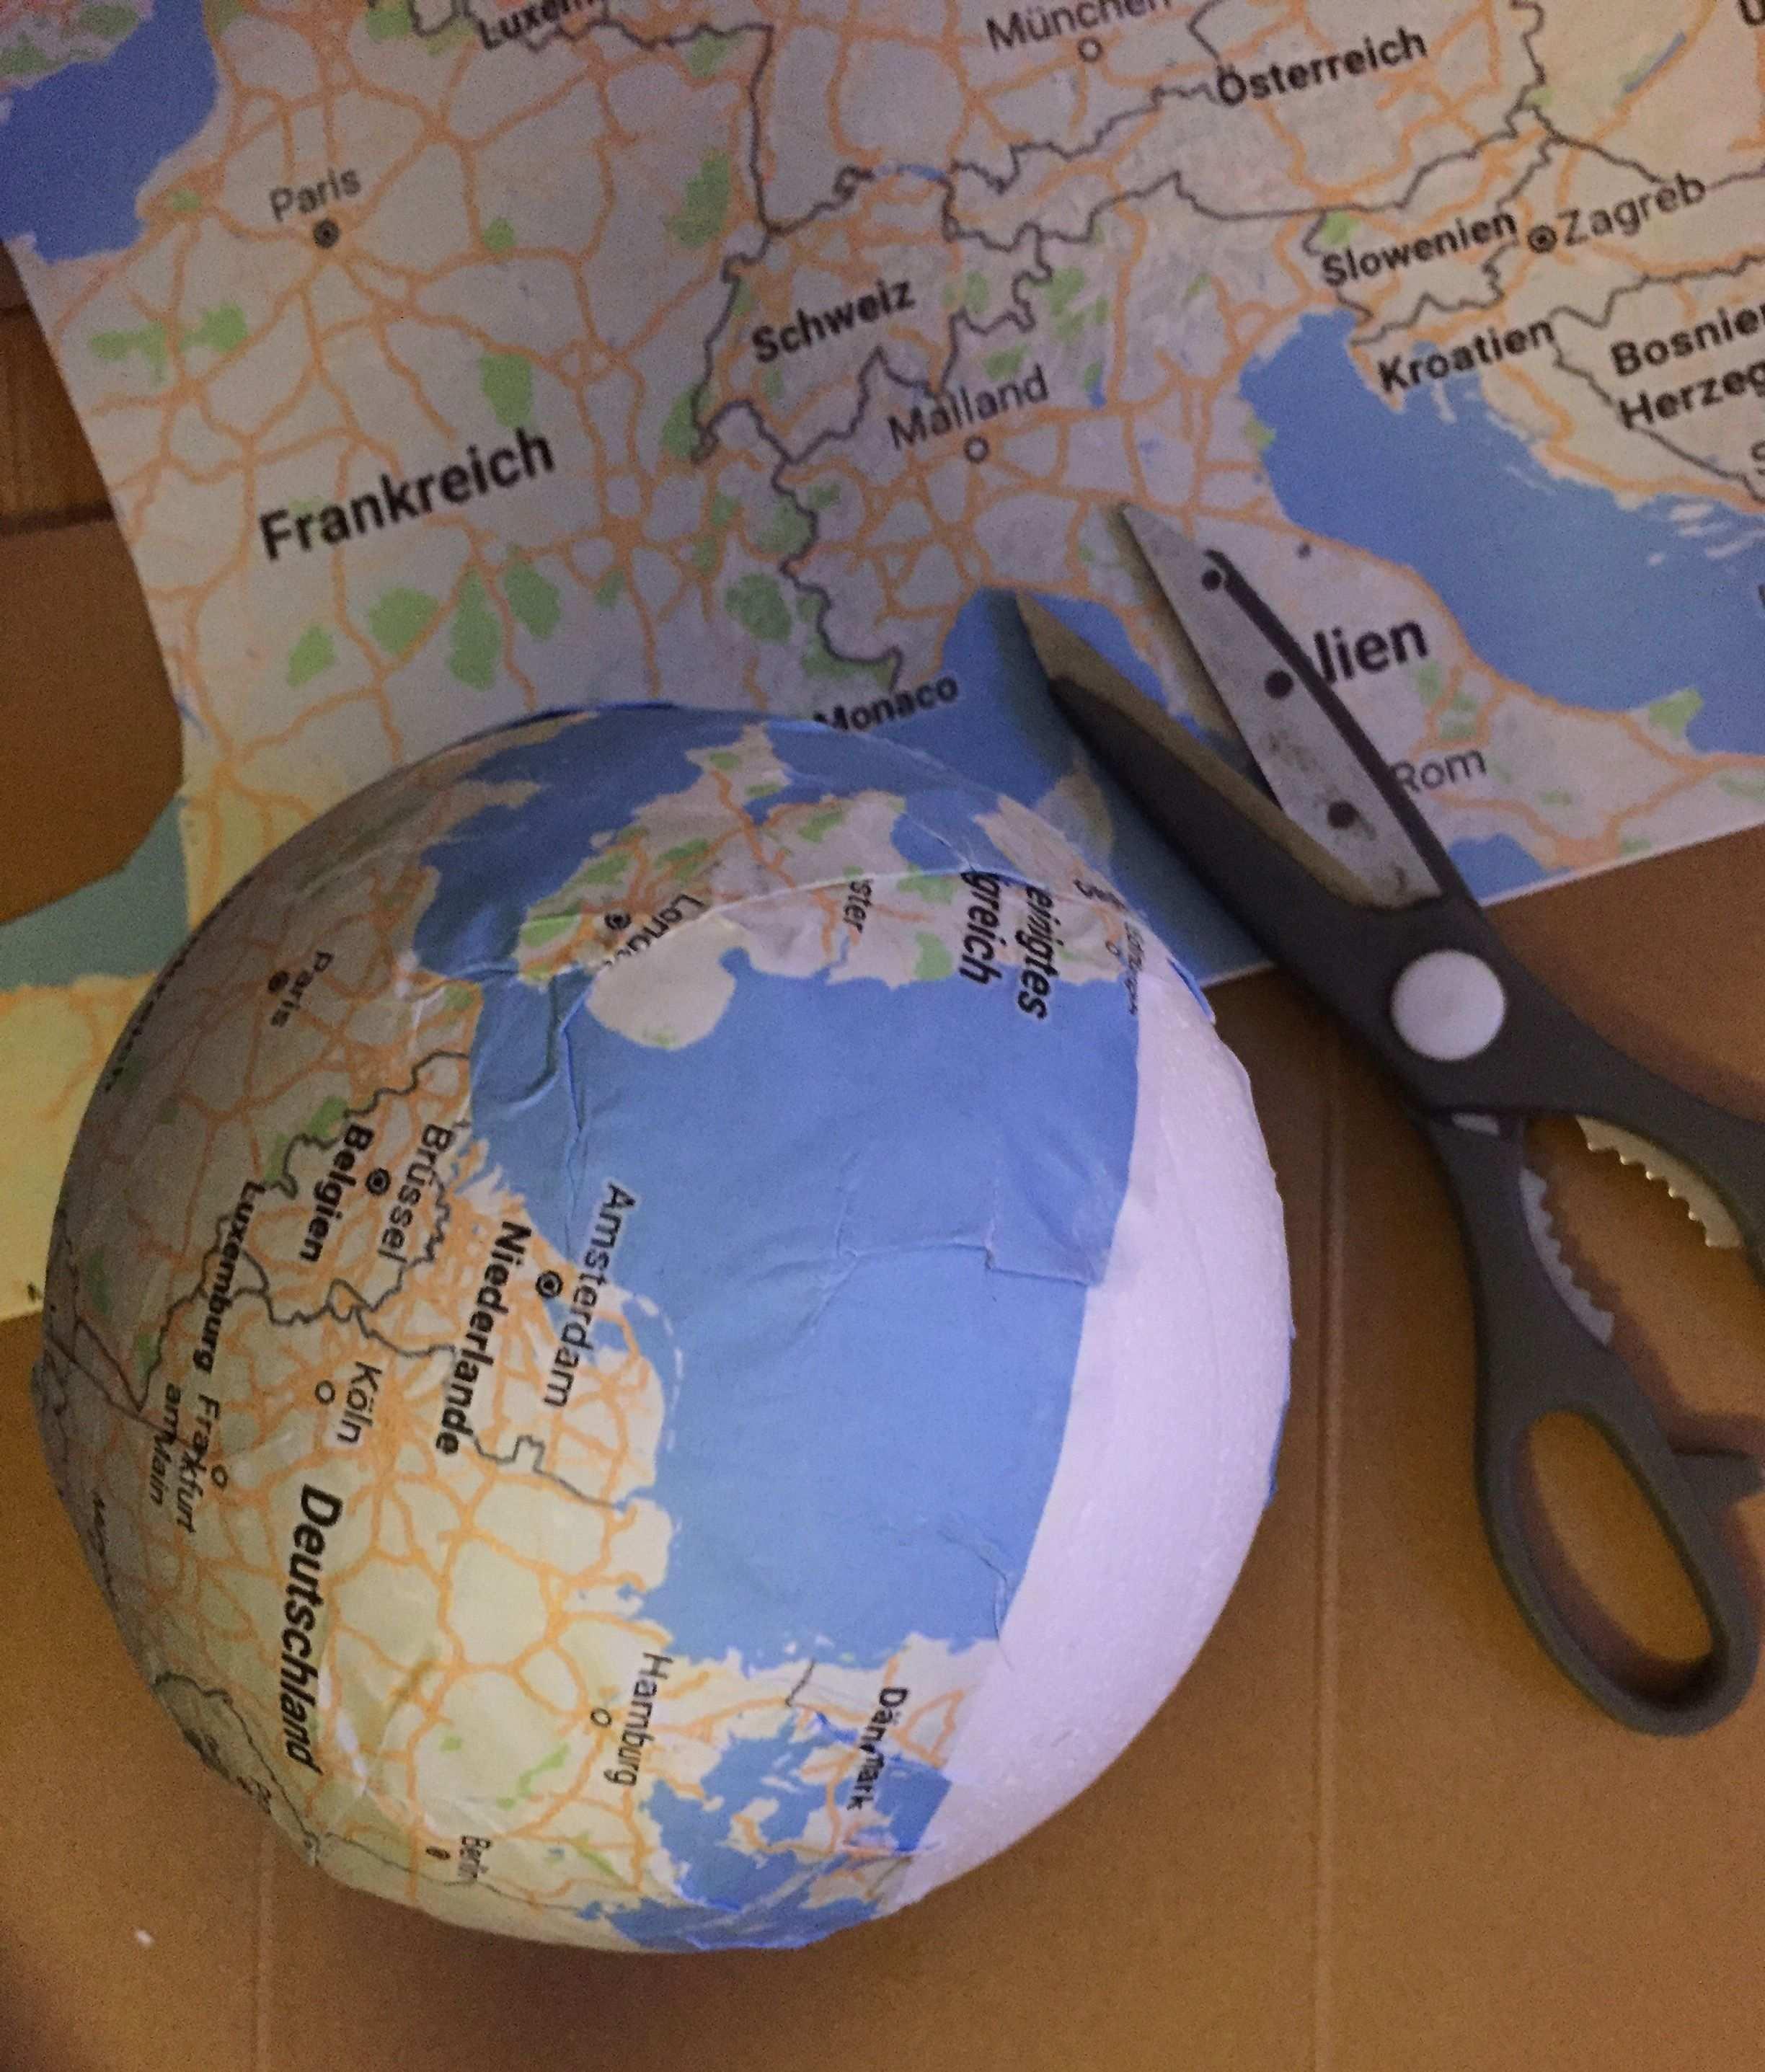 Reisegutschein Basteln Weltkugel Aus Styropor Mit Weltkarte Bekleben Und Dekorieren Reisegutschein Basteln Spardose Basteln Gutschein Geburtstag